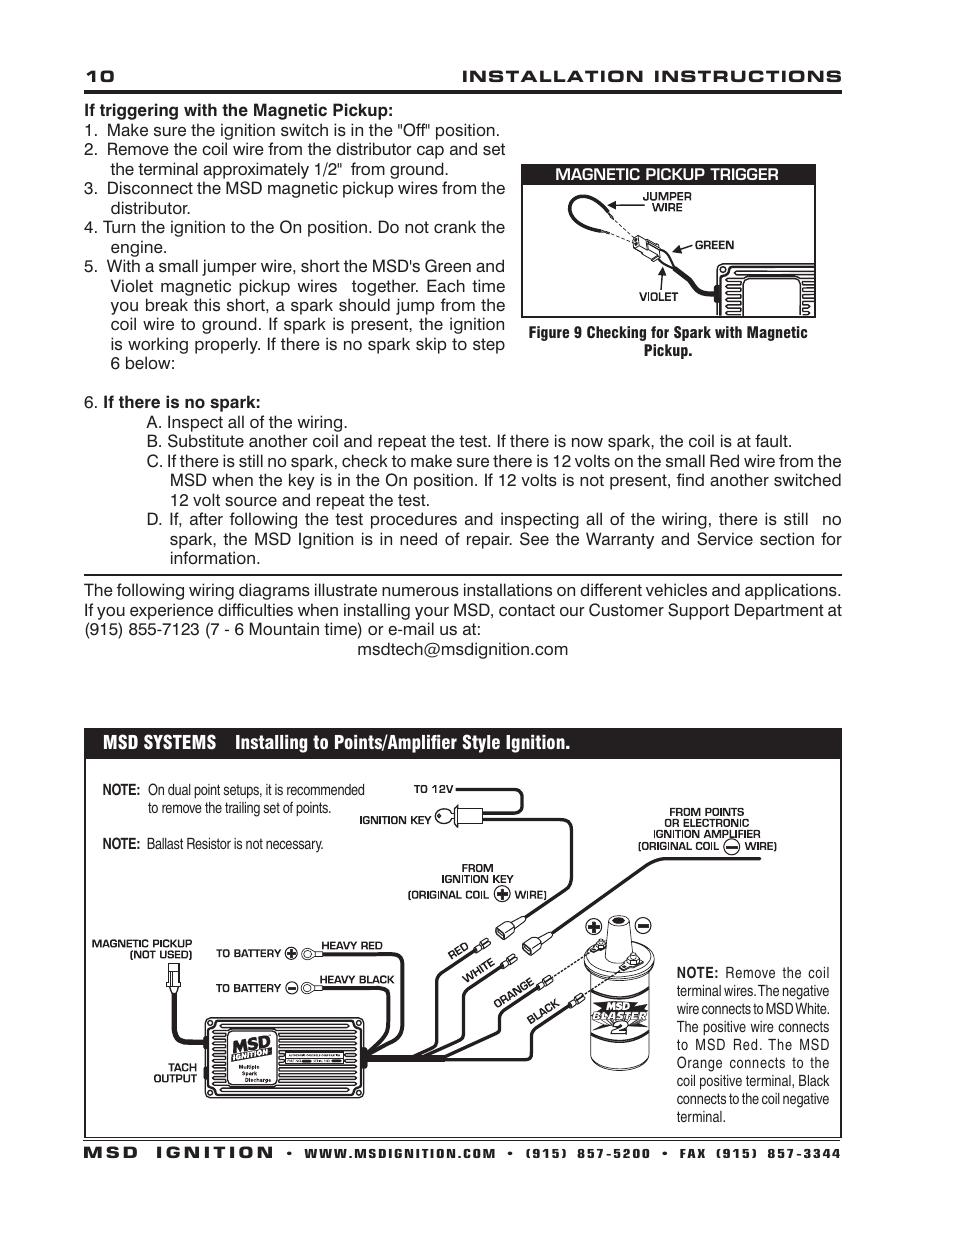 Chevy Wiring Diagram Msd Ition Trusted Diagrams 6aln With Ballast Resistor Ausgezeichnet 6al Schaltplan Hei Bilder Serie Jeep